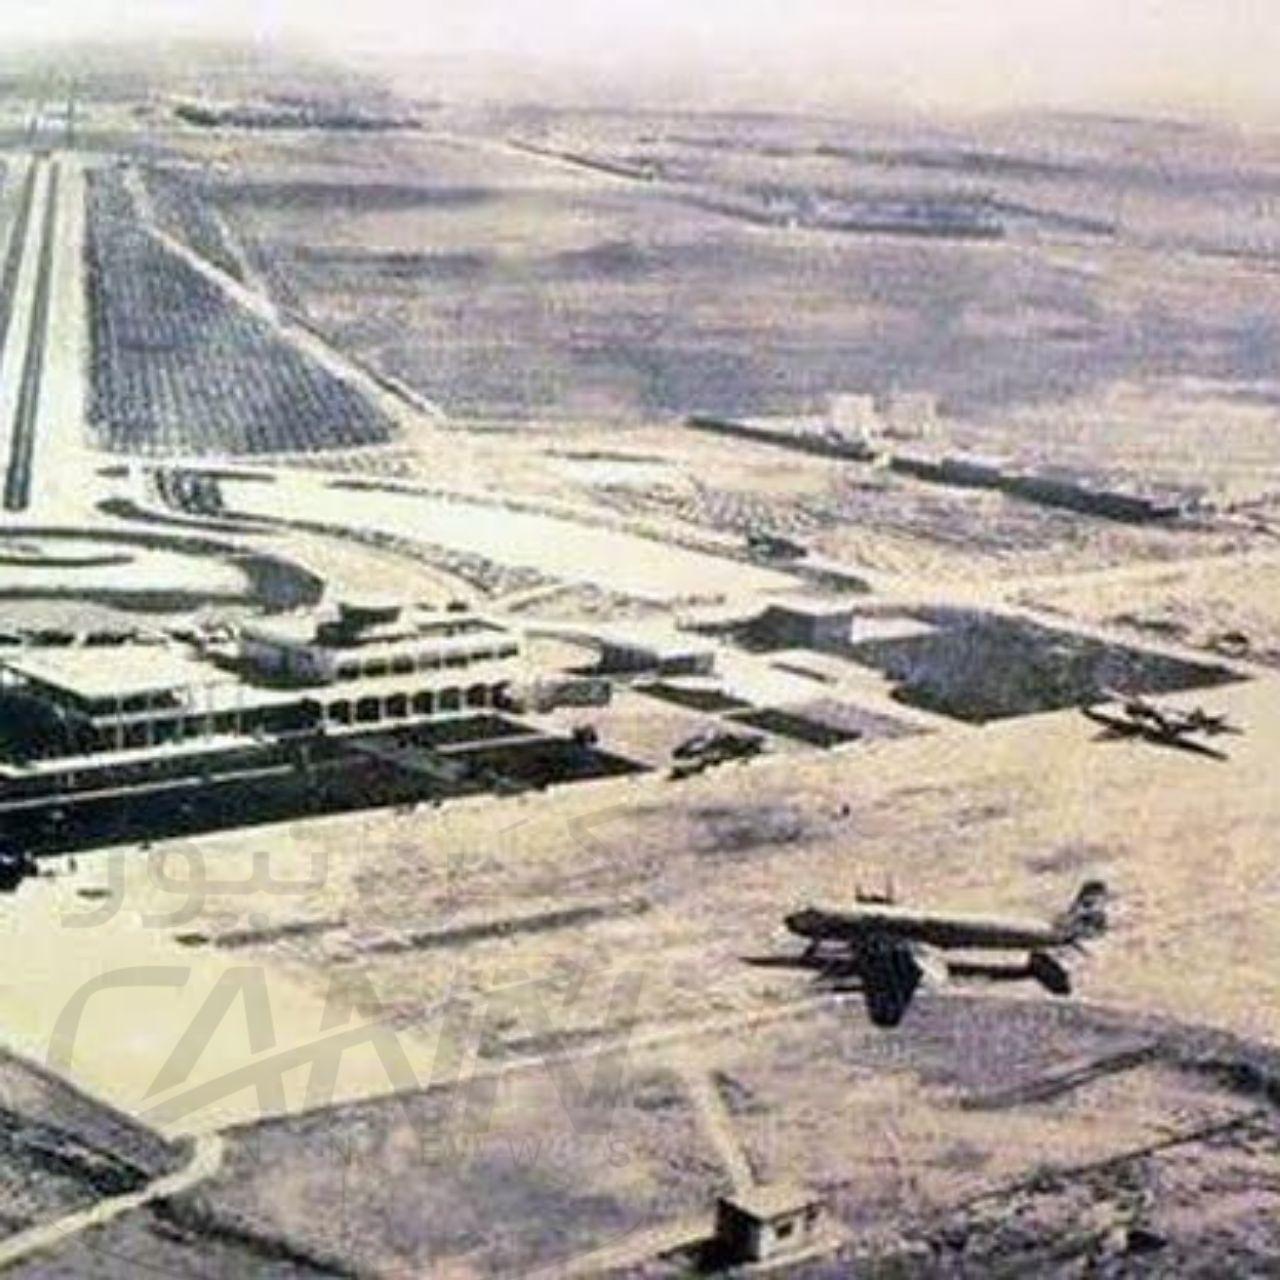 عکسی نایاب و قدیمی از فرودگاه بین المللی شیراز + عکس